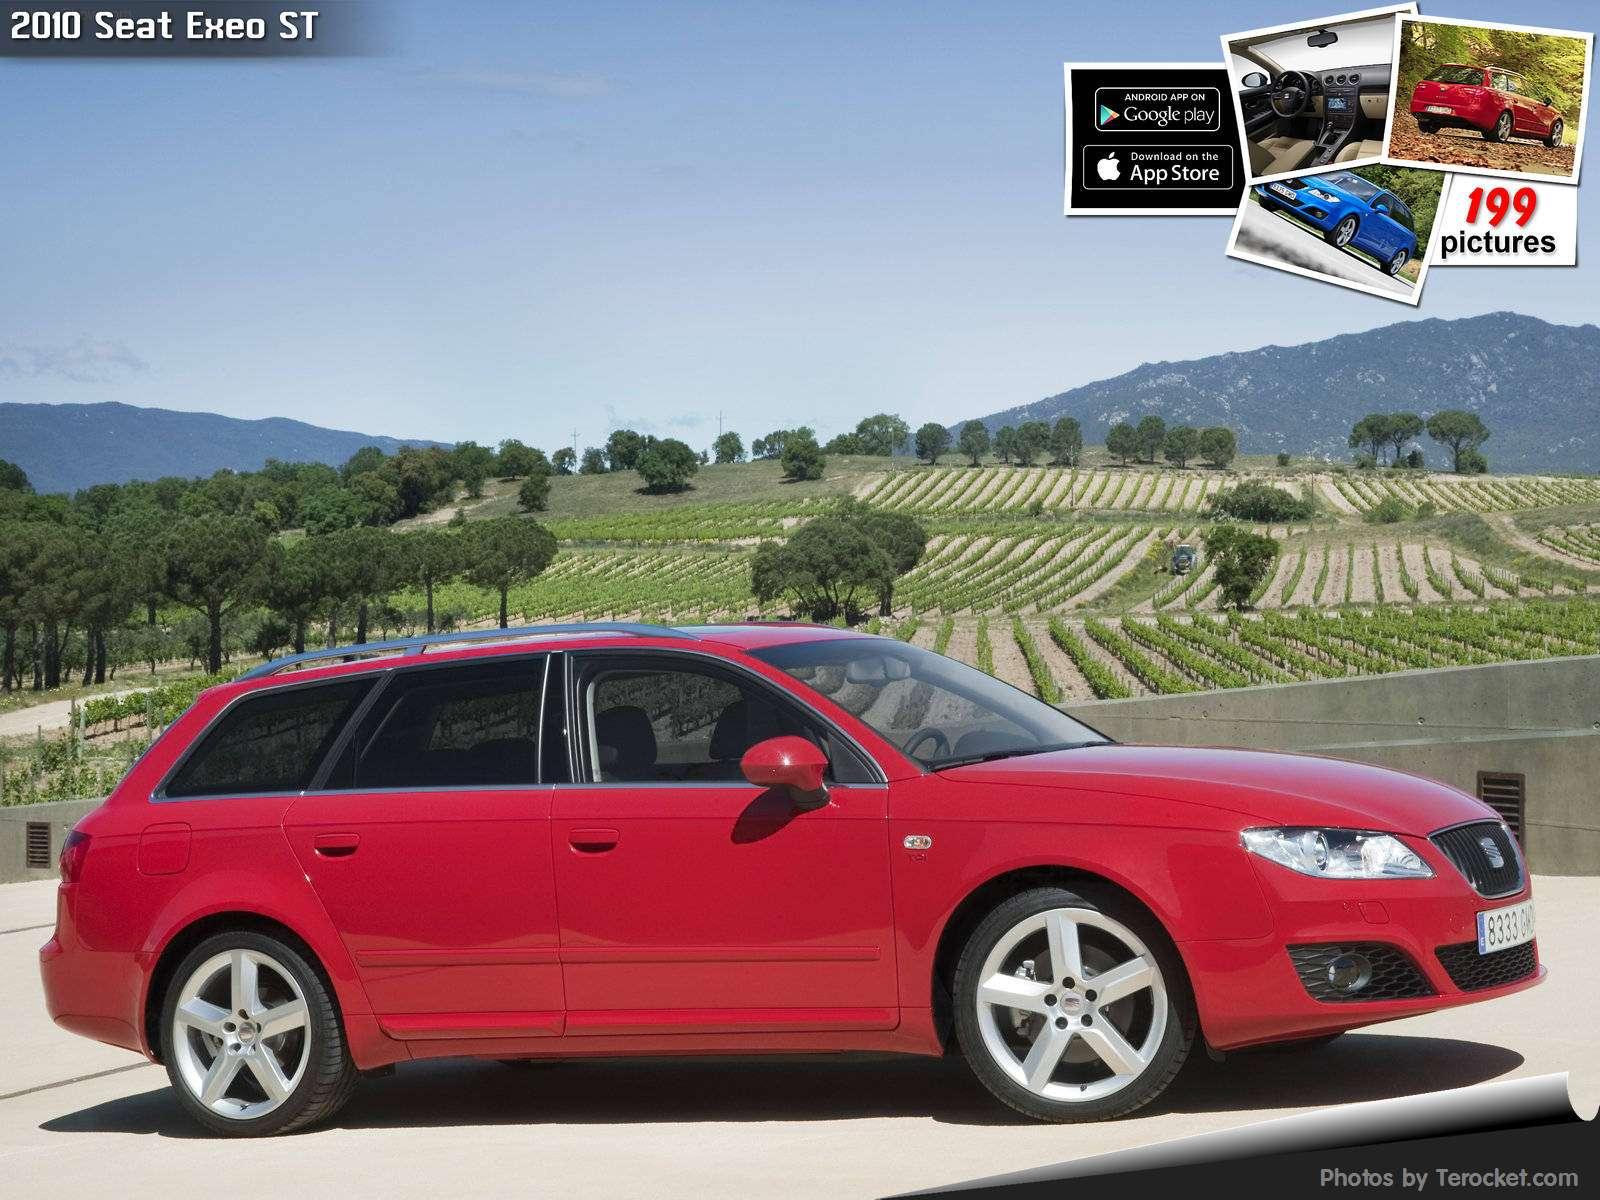 Hình ảnh xe ô tô Seat Exeo ST 2010 & nội ngoại thất